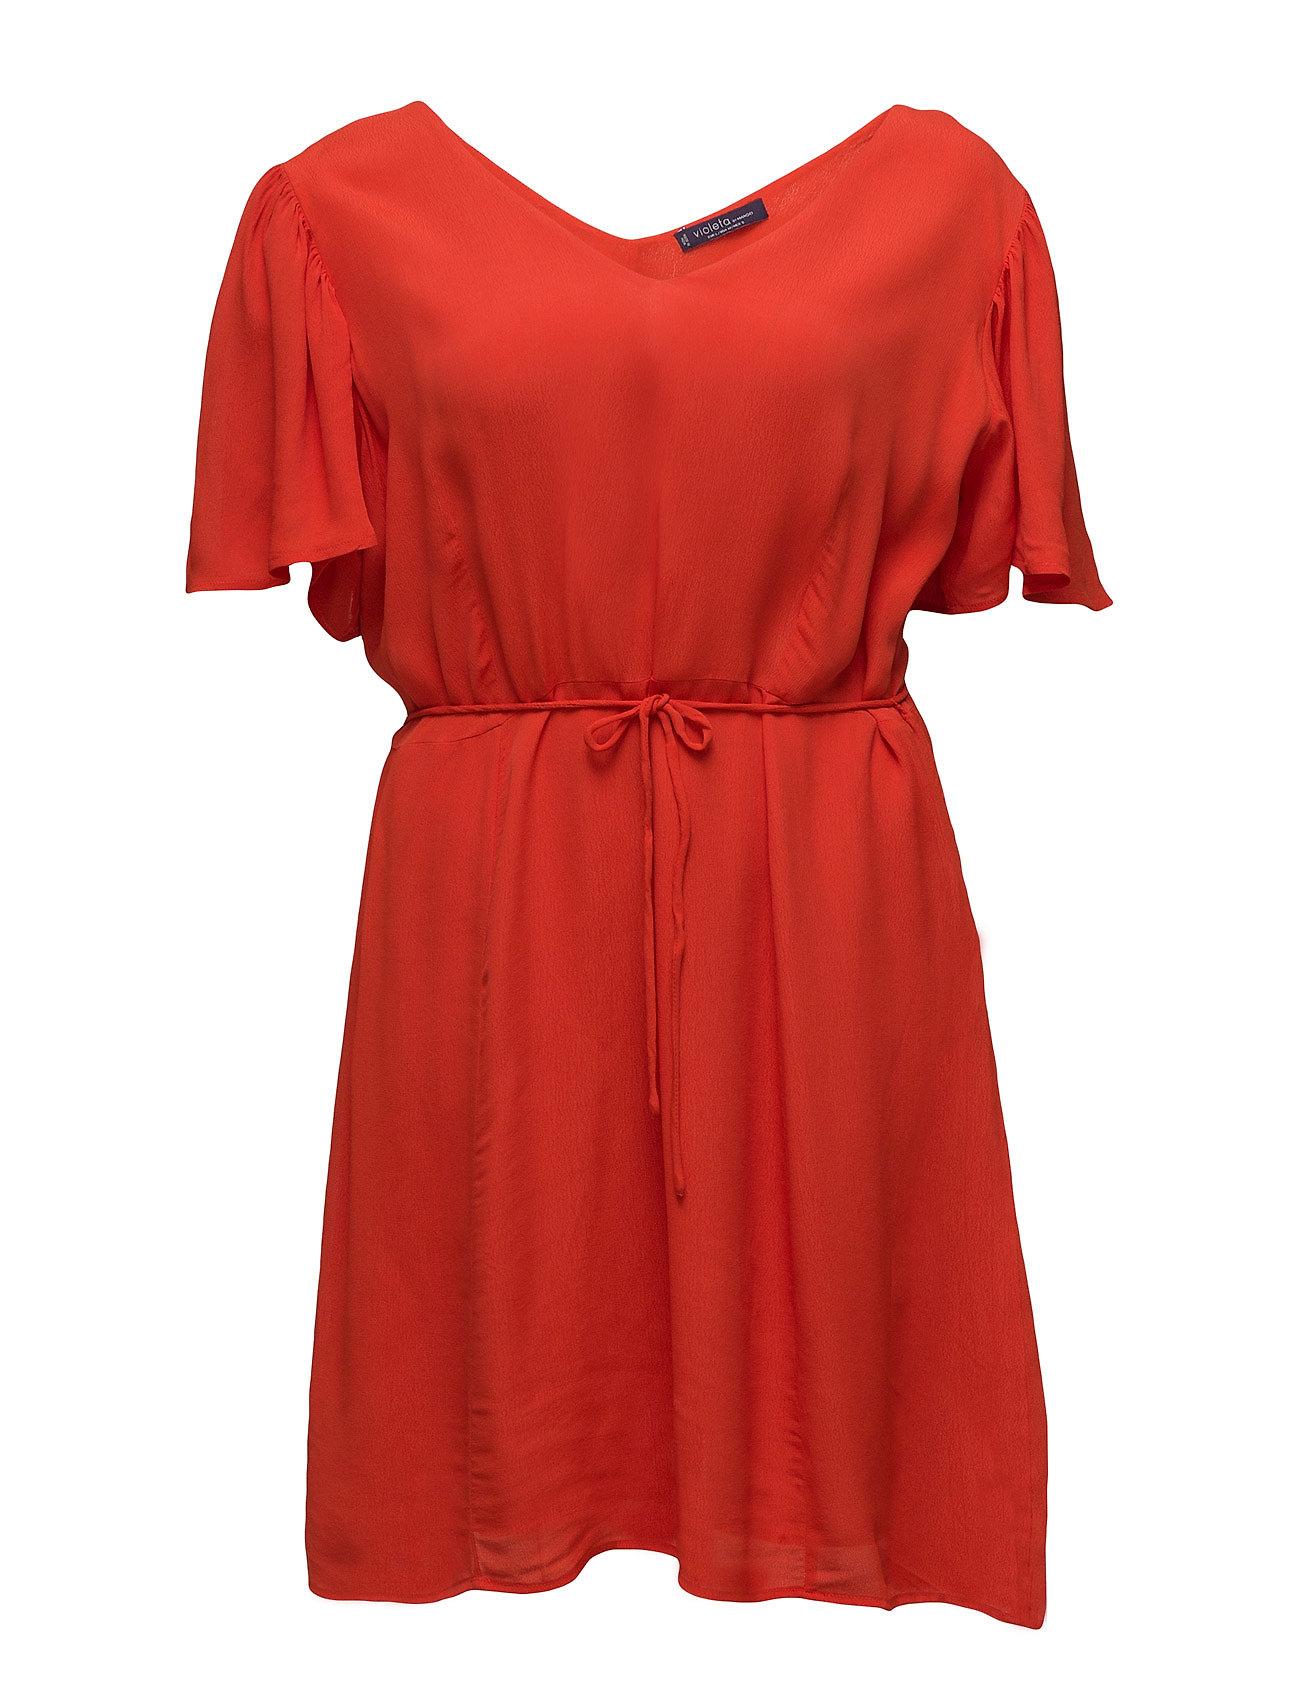 V-Neckline Dress Violeta by Mango Korte kjoler til Damer i orange